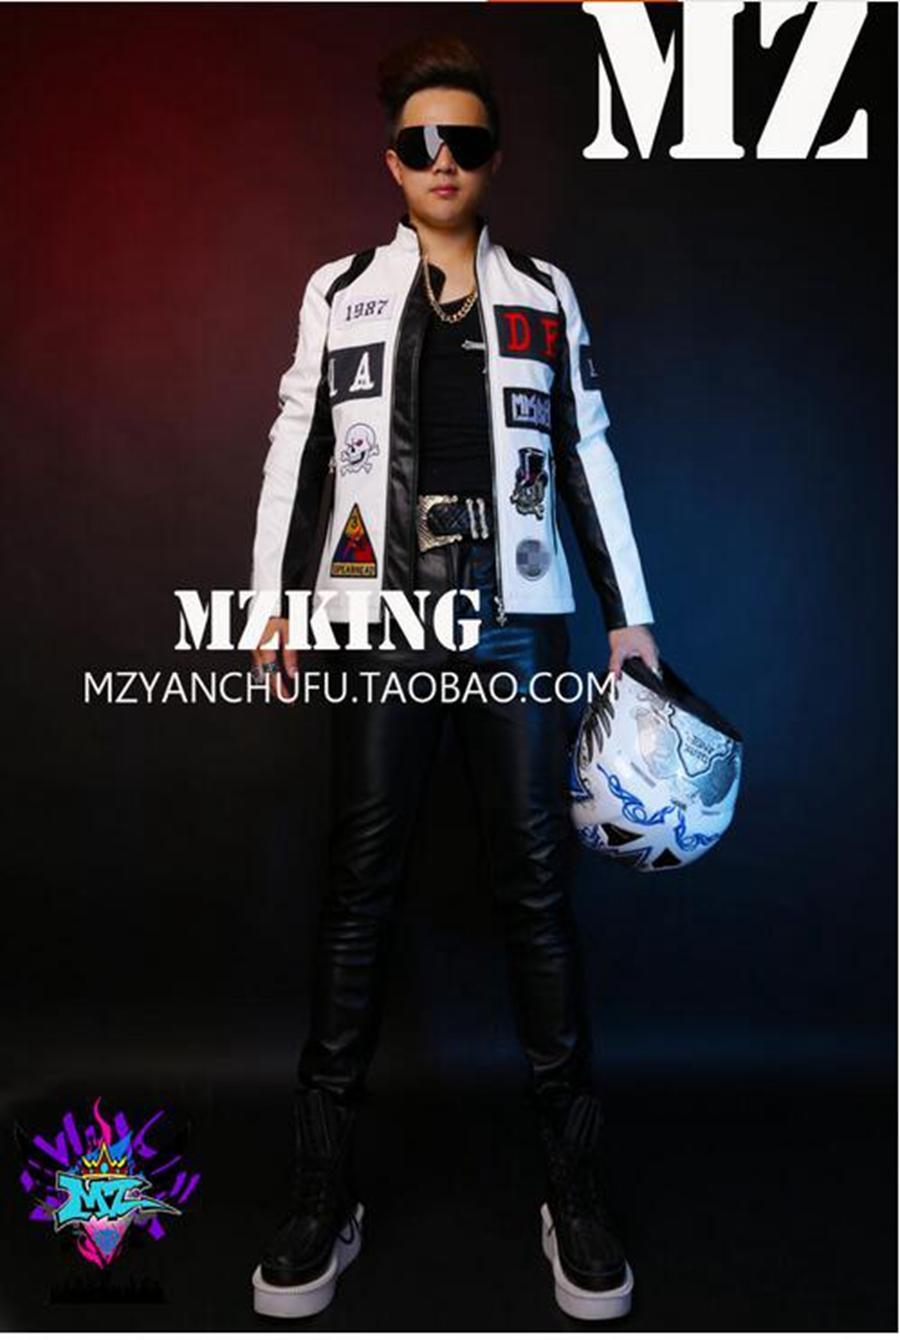 Мужской певец han edition fashion club в Европе и на подиуме выглядит в черно-белых мозаичных кожаных костюмах. S-6 xl